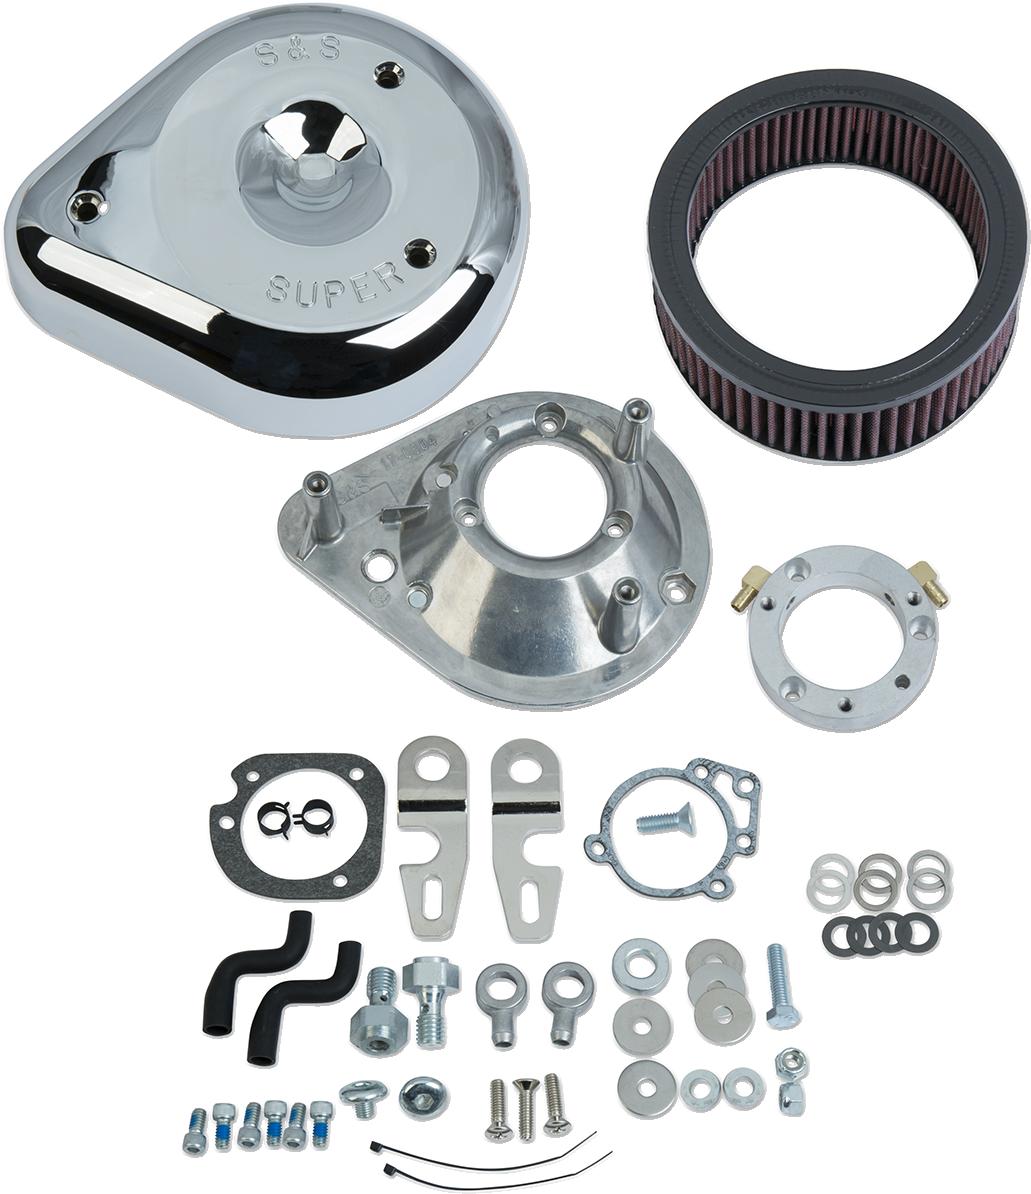 S&S Chrome Teardrop Air Cleaner Kit for Stock EFI 07-19 Harley Sportster XL